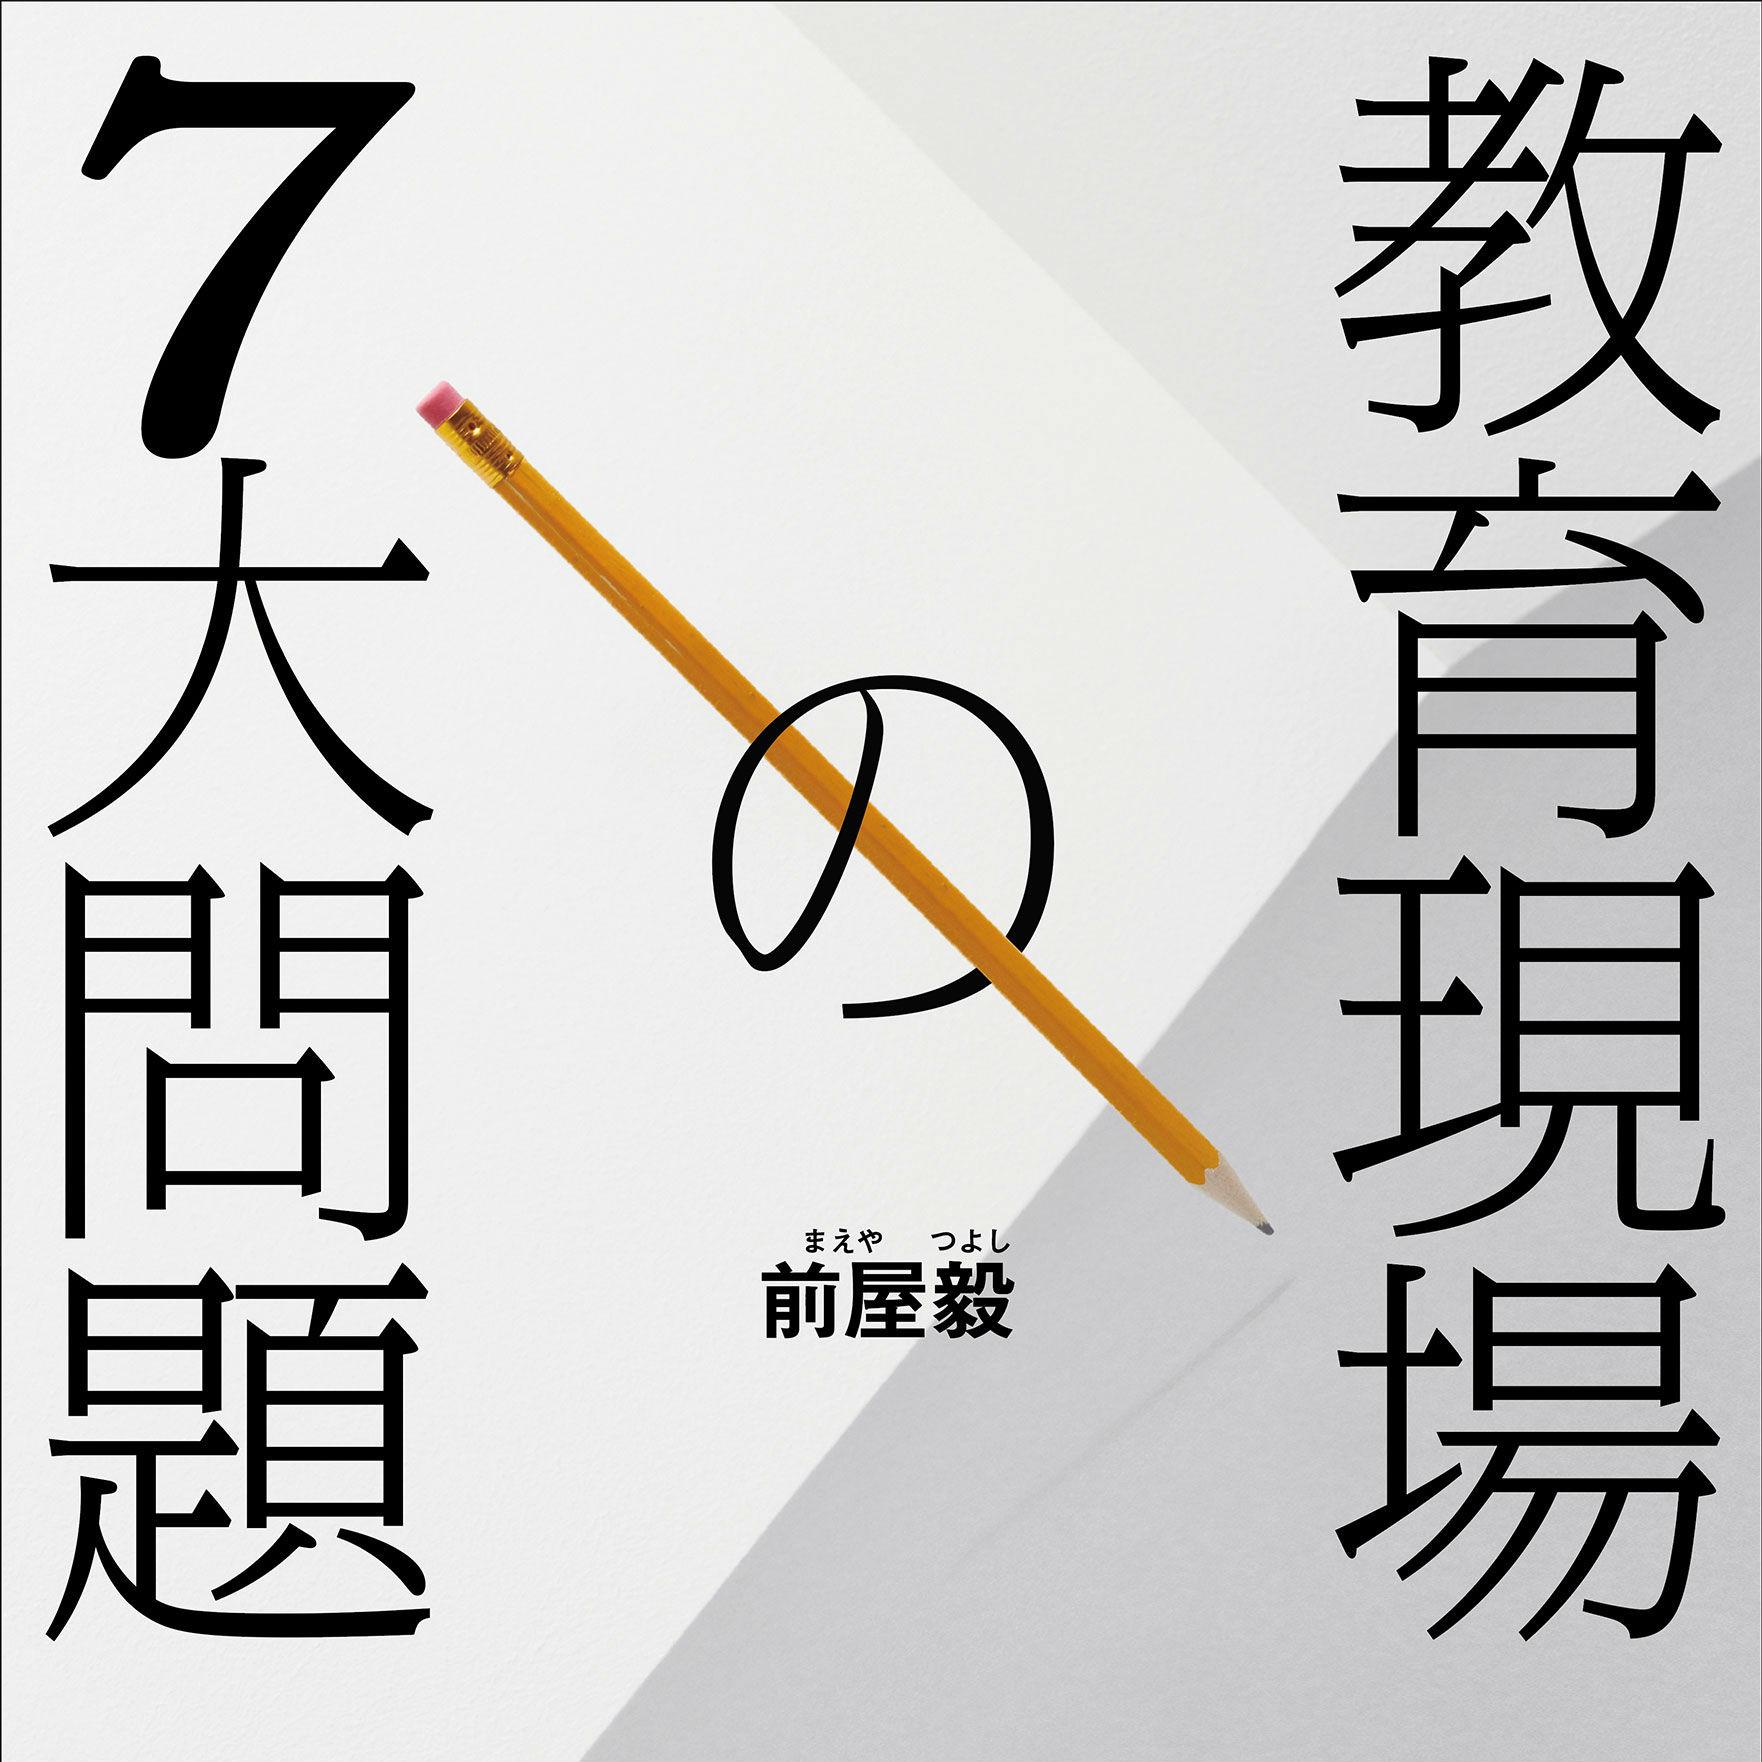 8割の日本人が知らない真実……教員の働きすぎの本当の原因とは